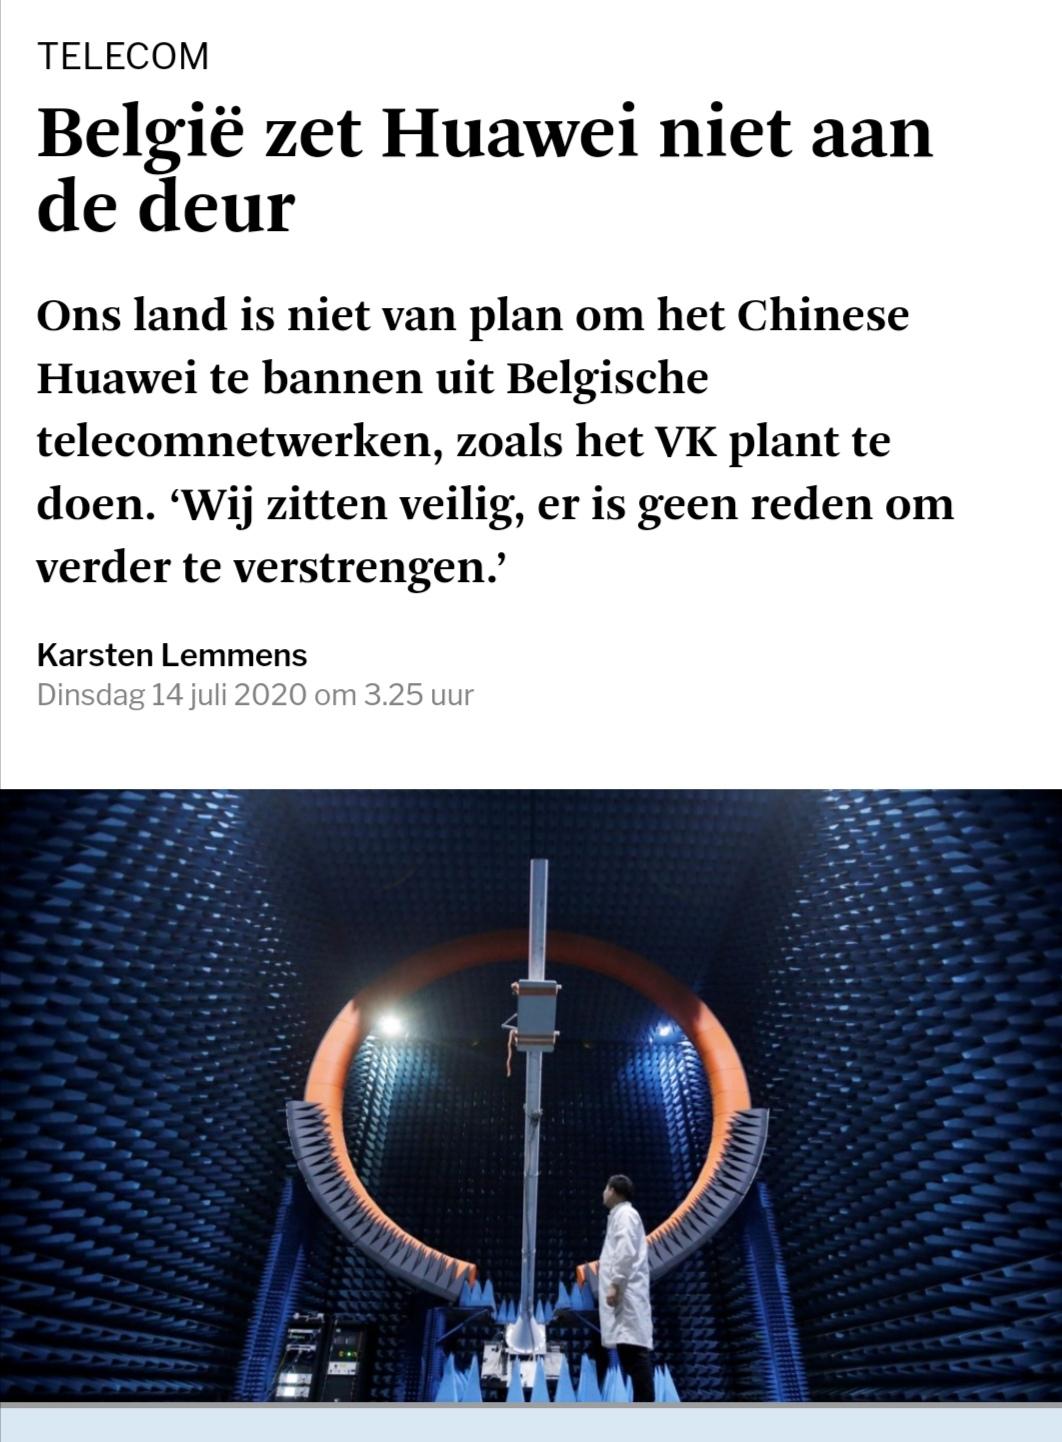 比利时电信部部长:比利时不会将华为拒之门外